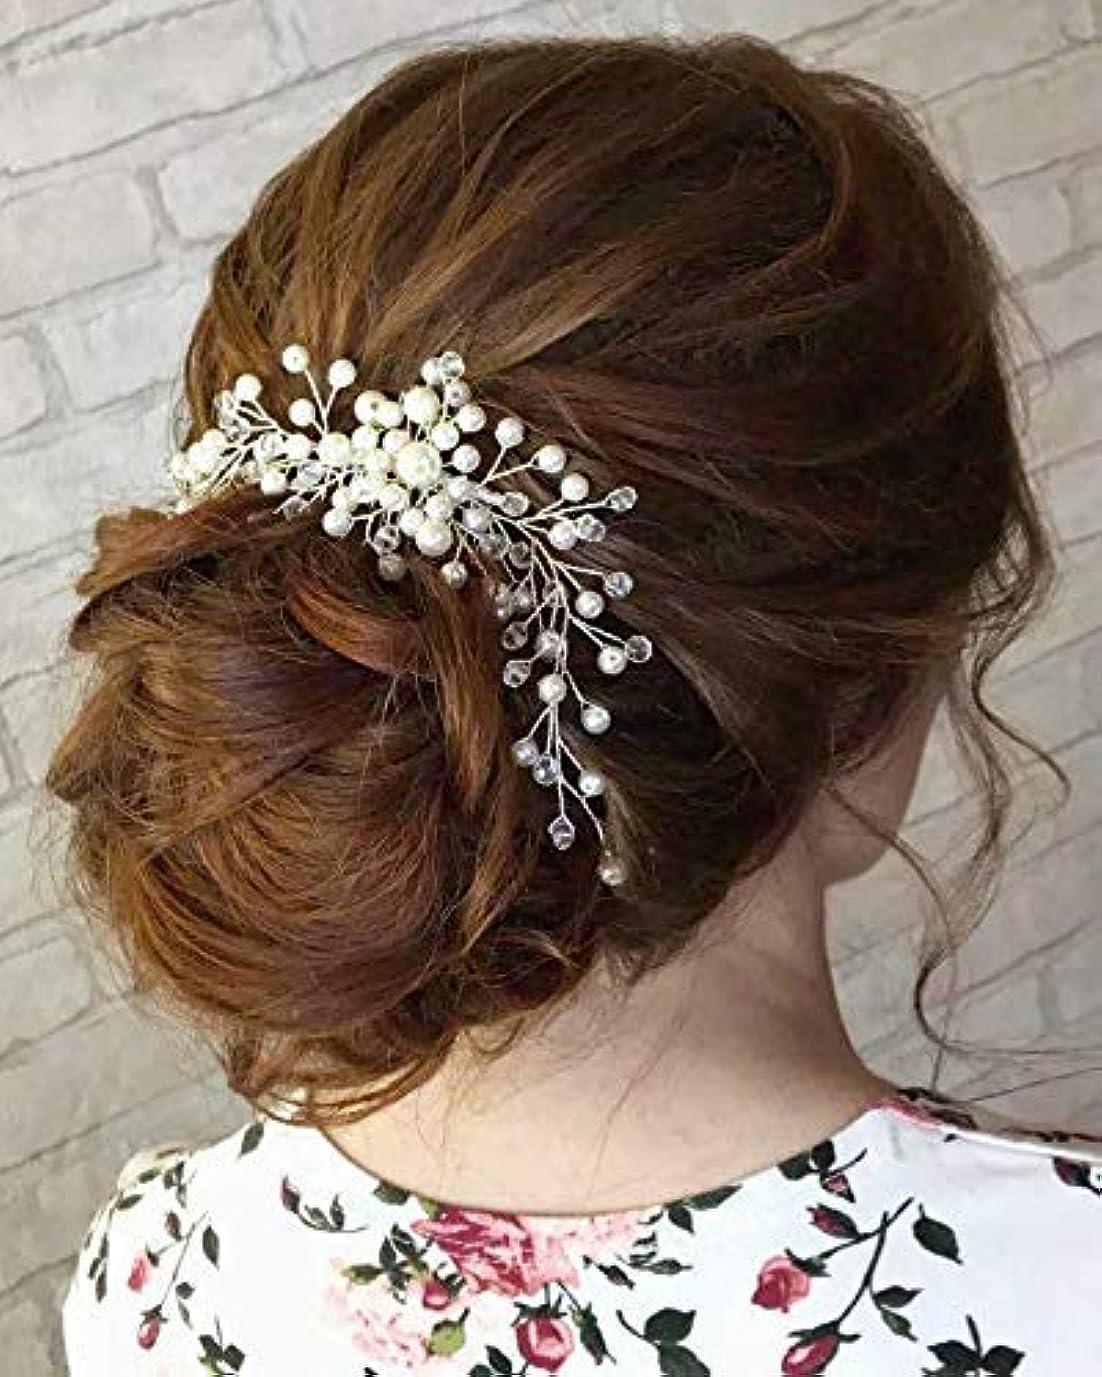 いつかフォーラム肌Kercisbeauty Wedding Simple Pearl Hair Comb for Brides Bridal Headpiece Long Curly Updo Hair Accessories Prom...